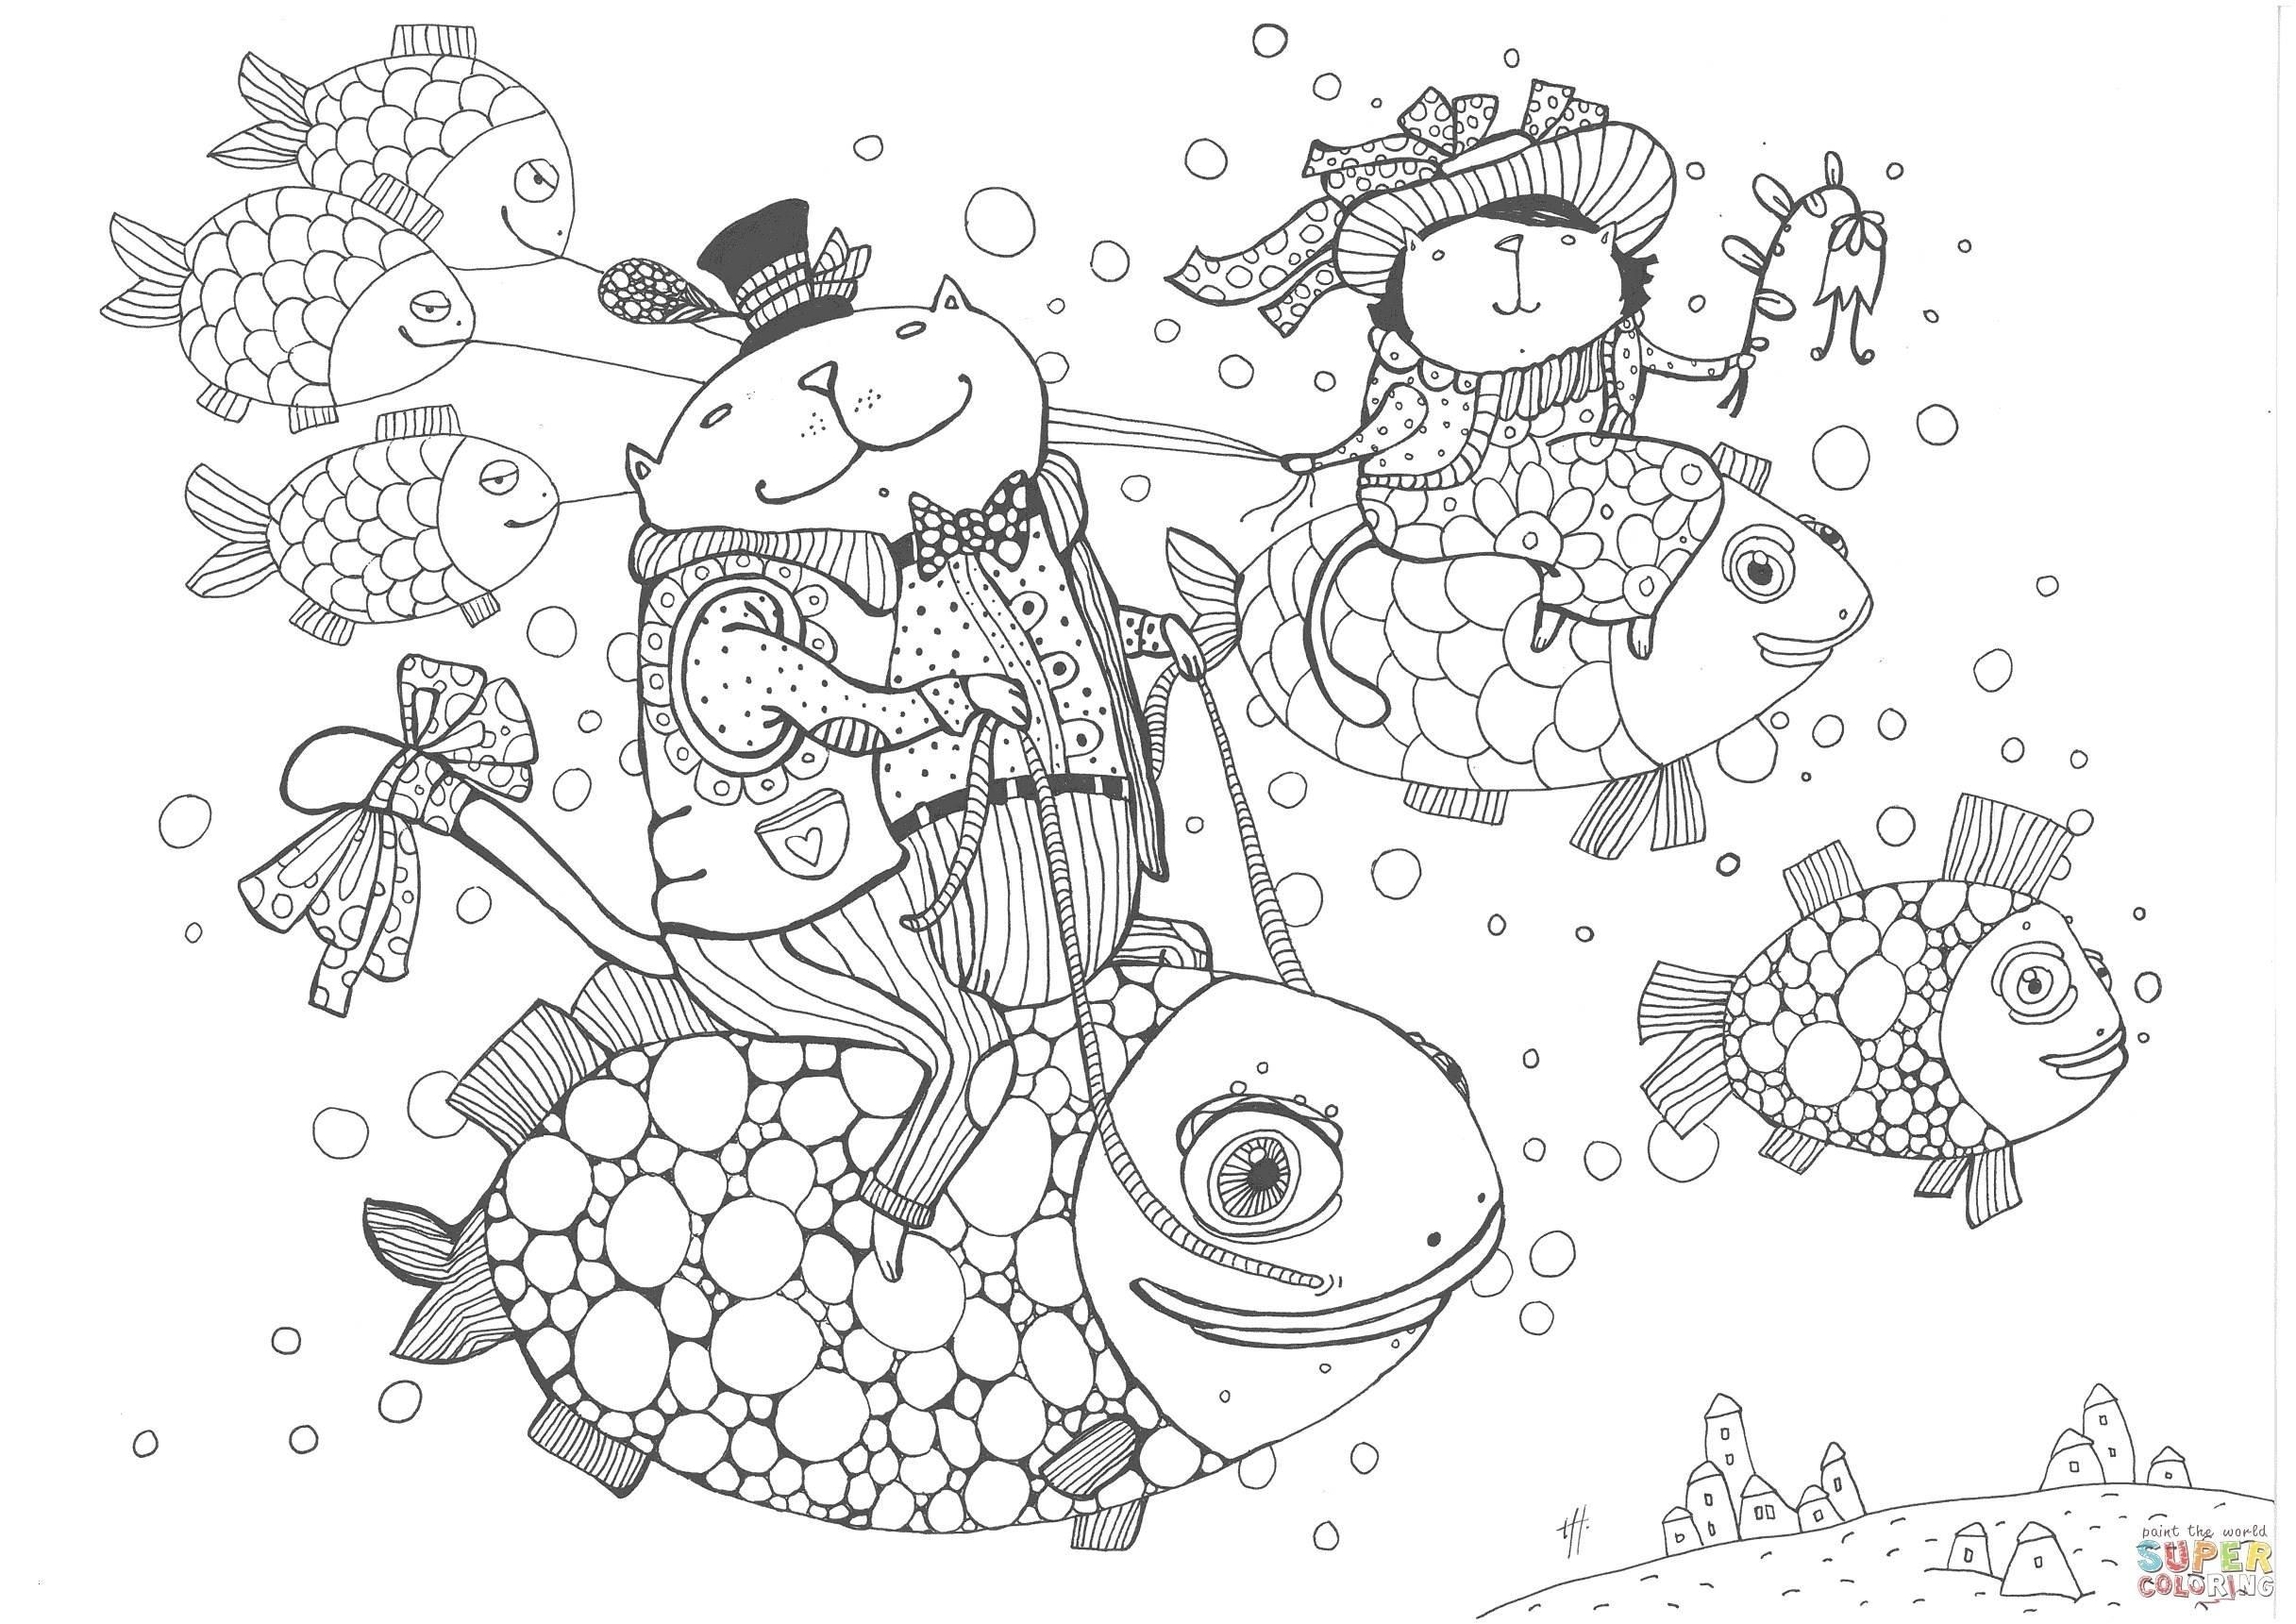 Window Color Vorlagen Weihnachten Rentier Das Beste Von Window Color Vorlagen Weihnachten Rentier Jubel Trubel Sammlung